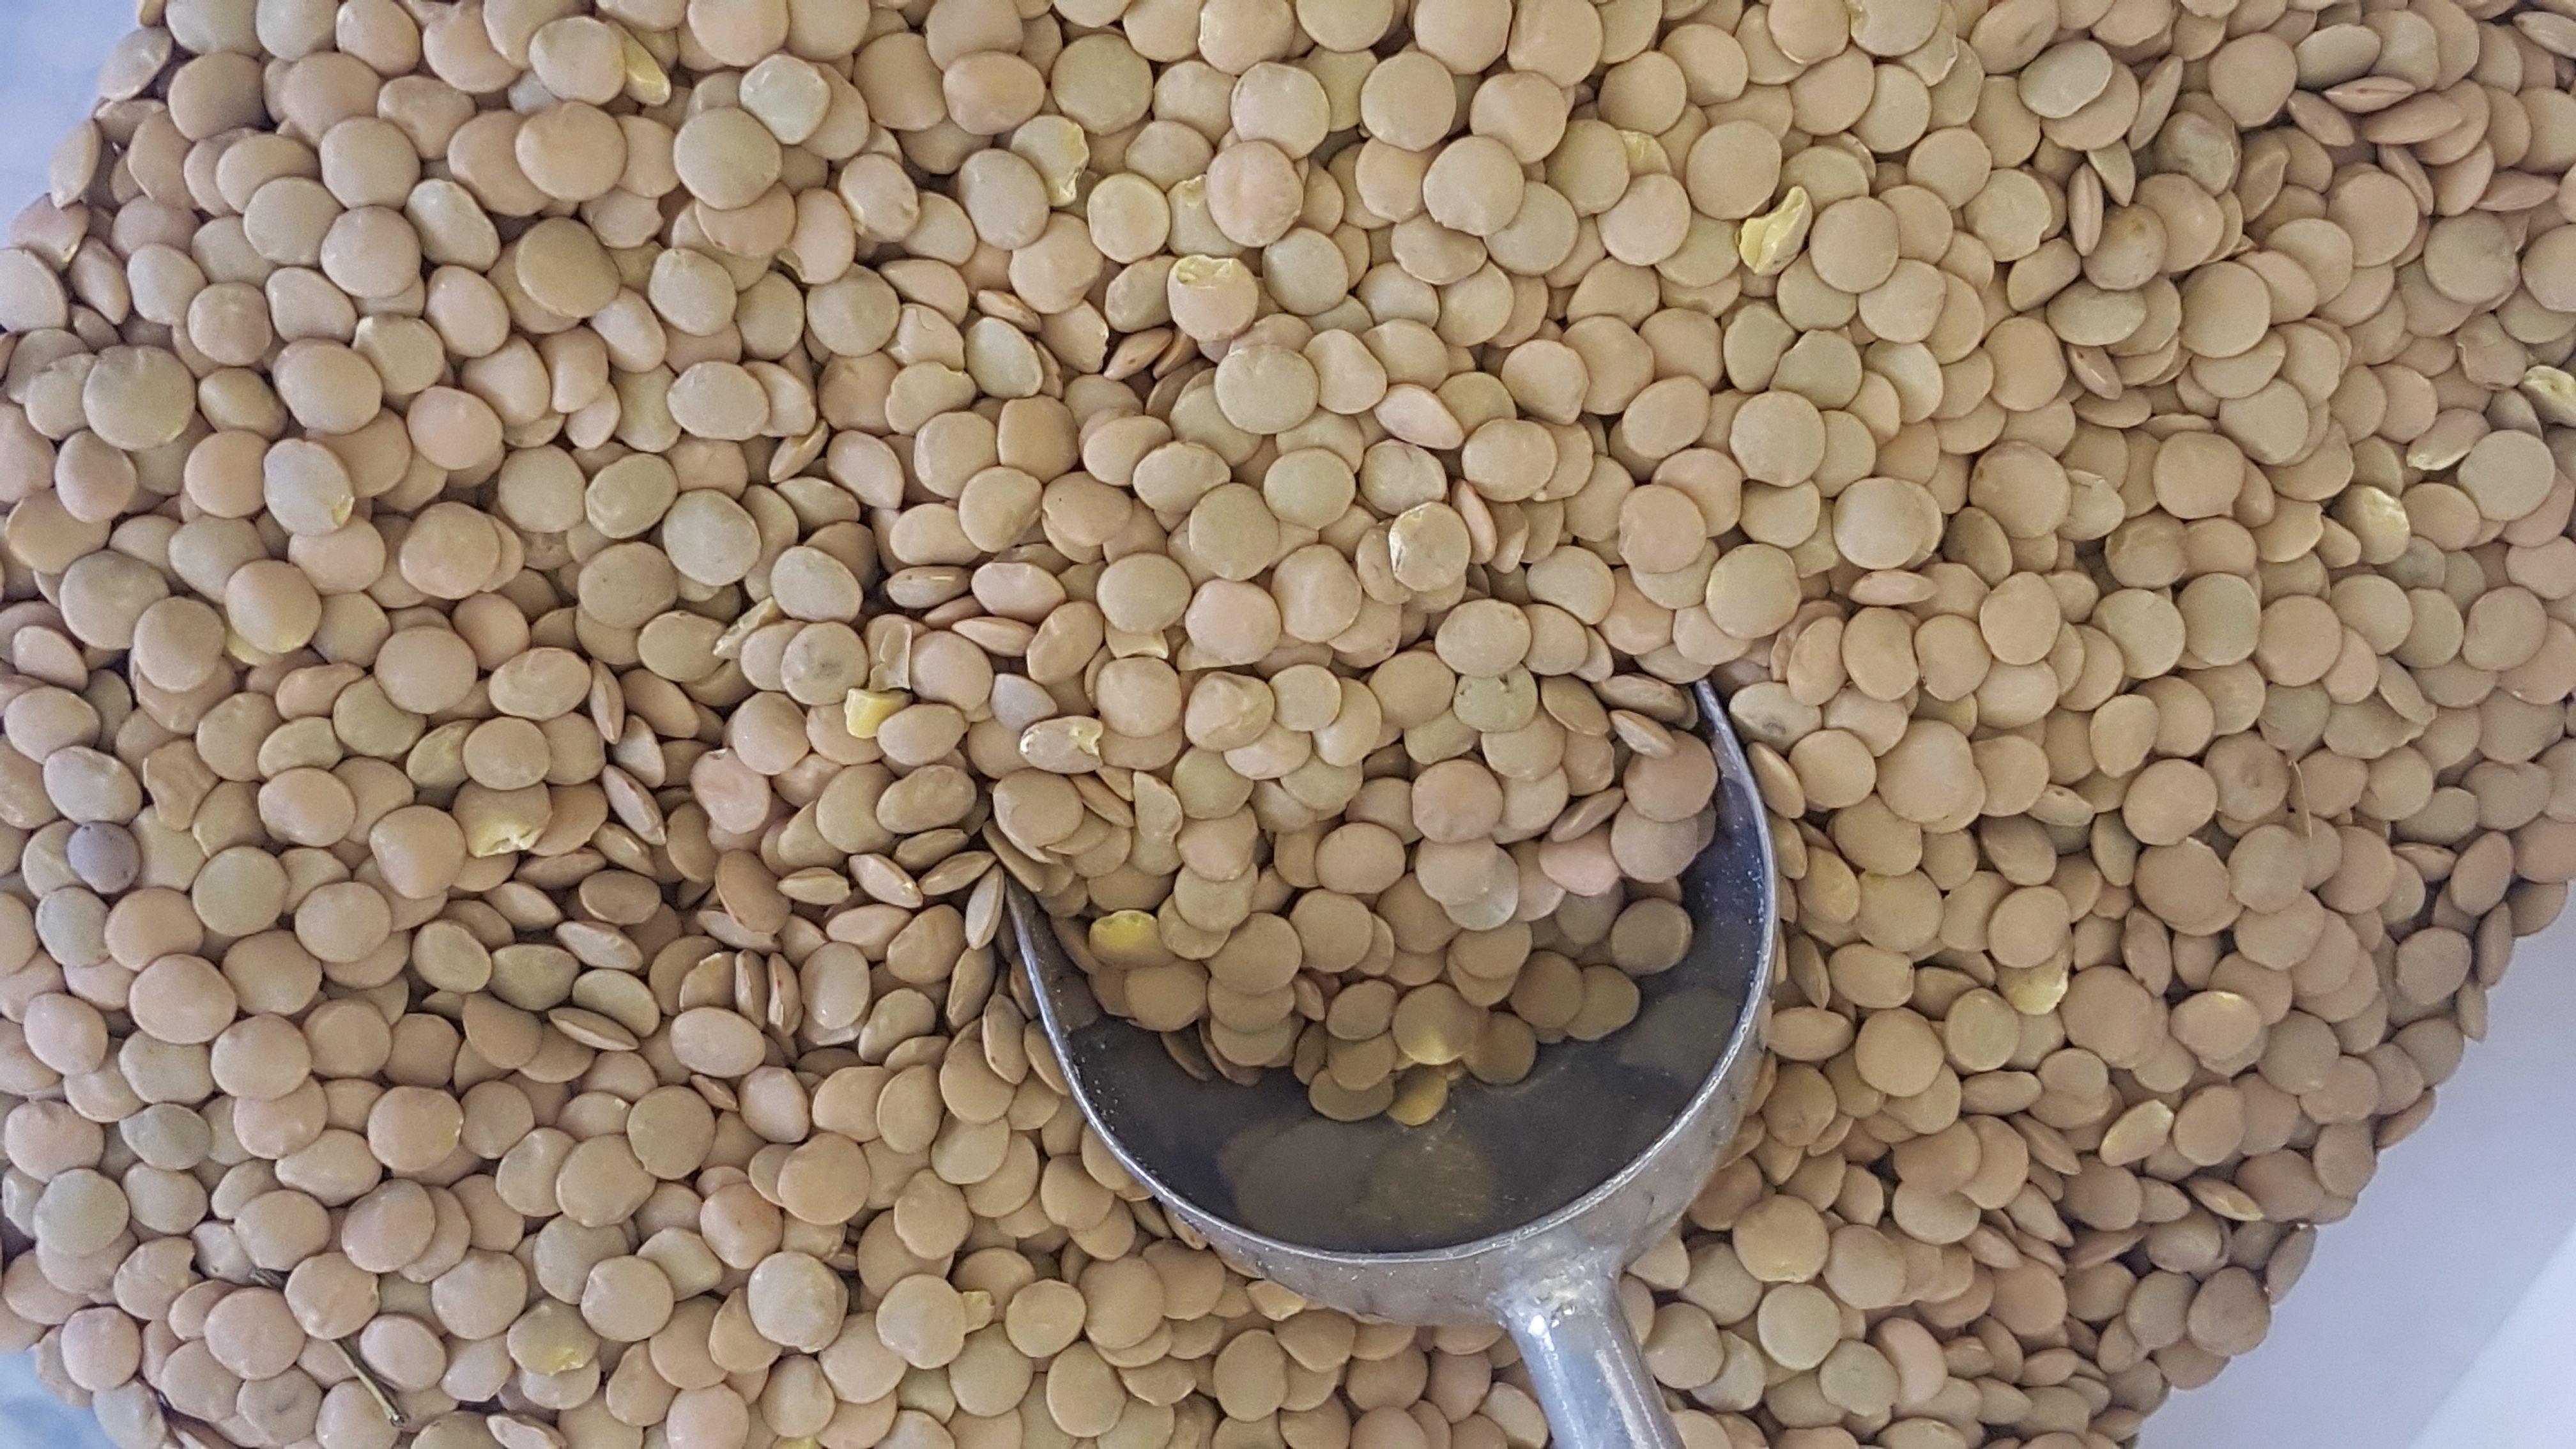 Green Lentils Organic -per 100g